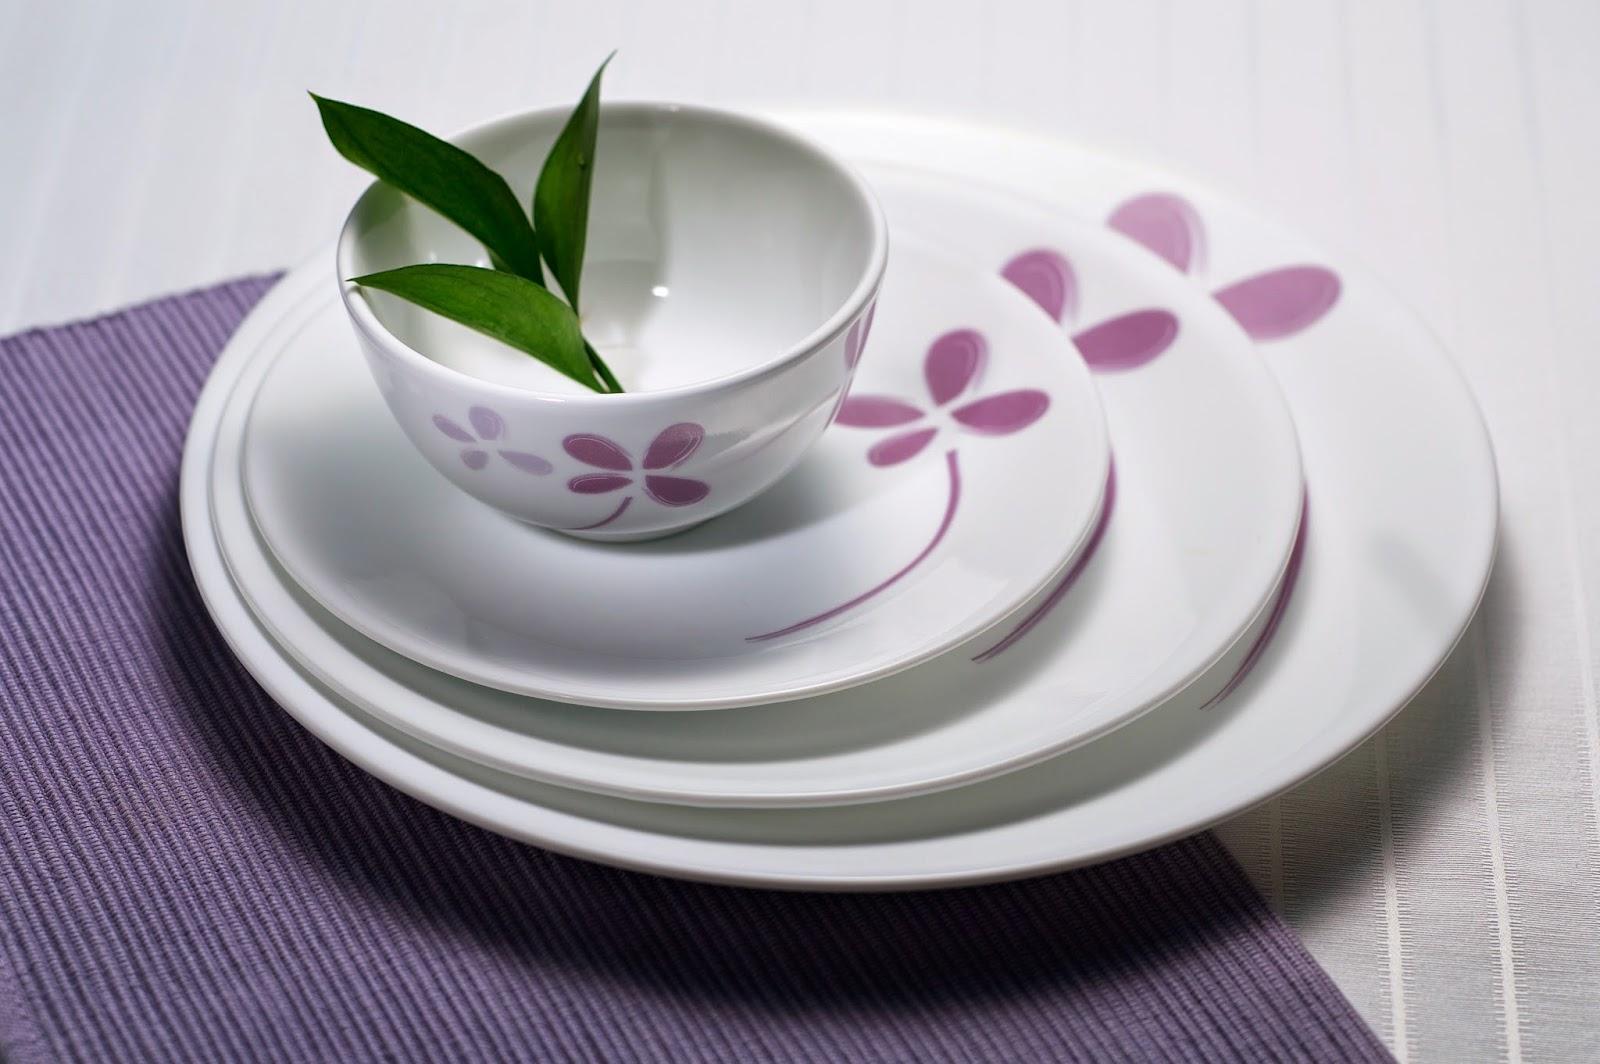 bát đĩa - gốm sứ Minh Long